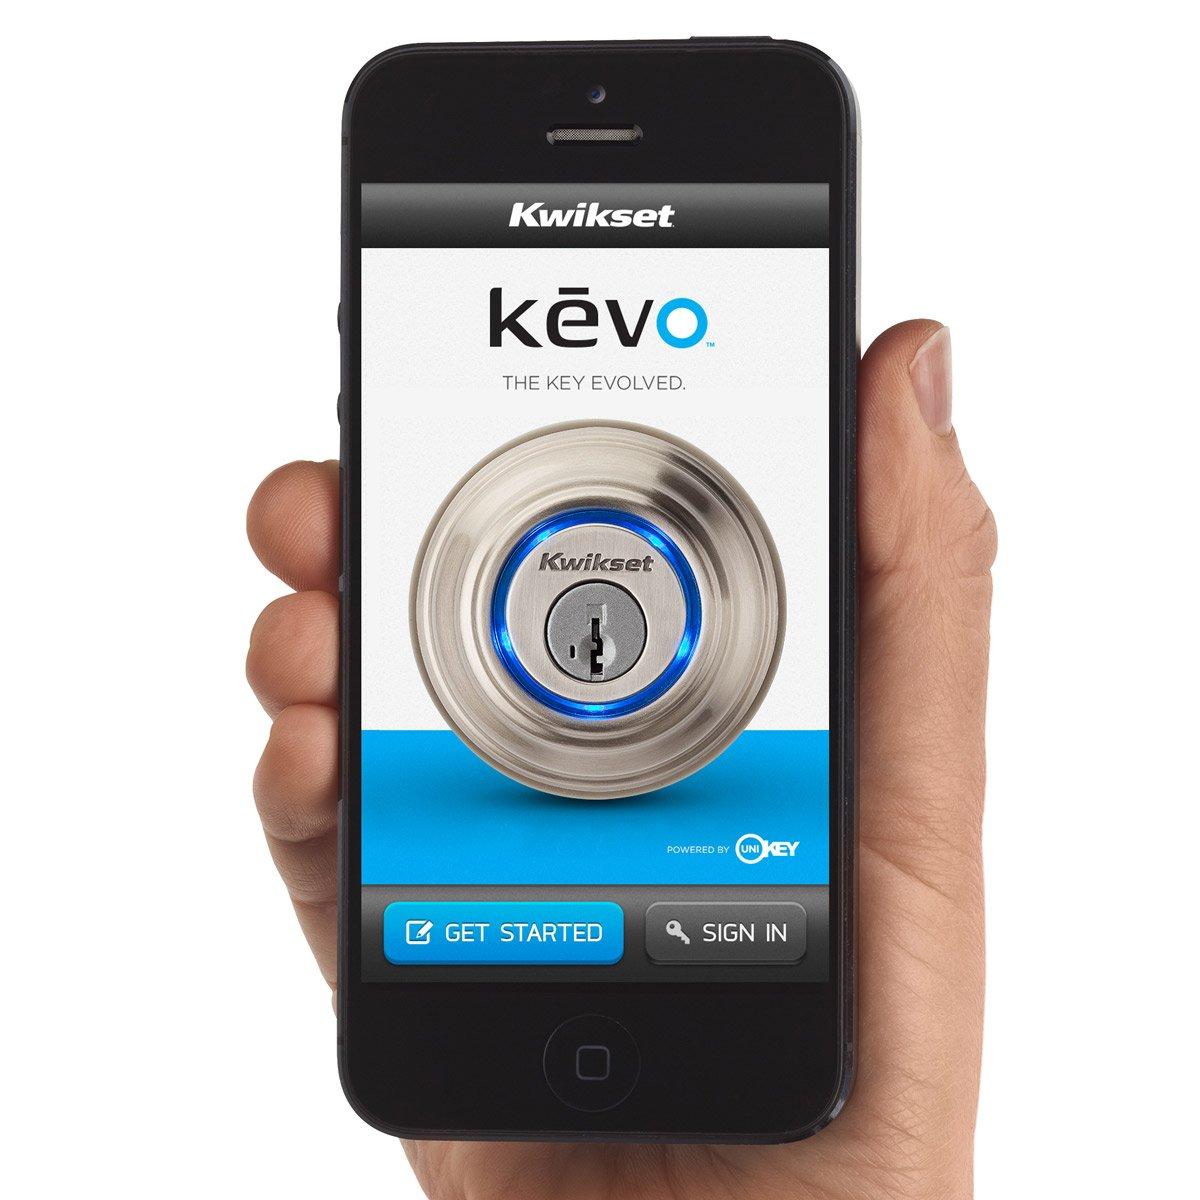 Kwikset Kevo Smart Deadbolt